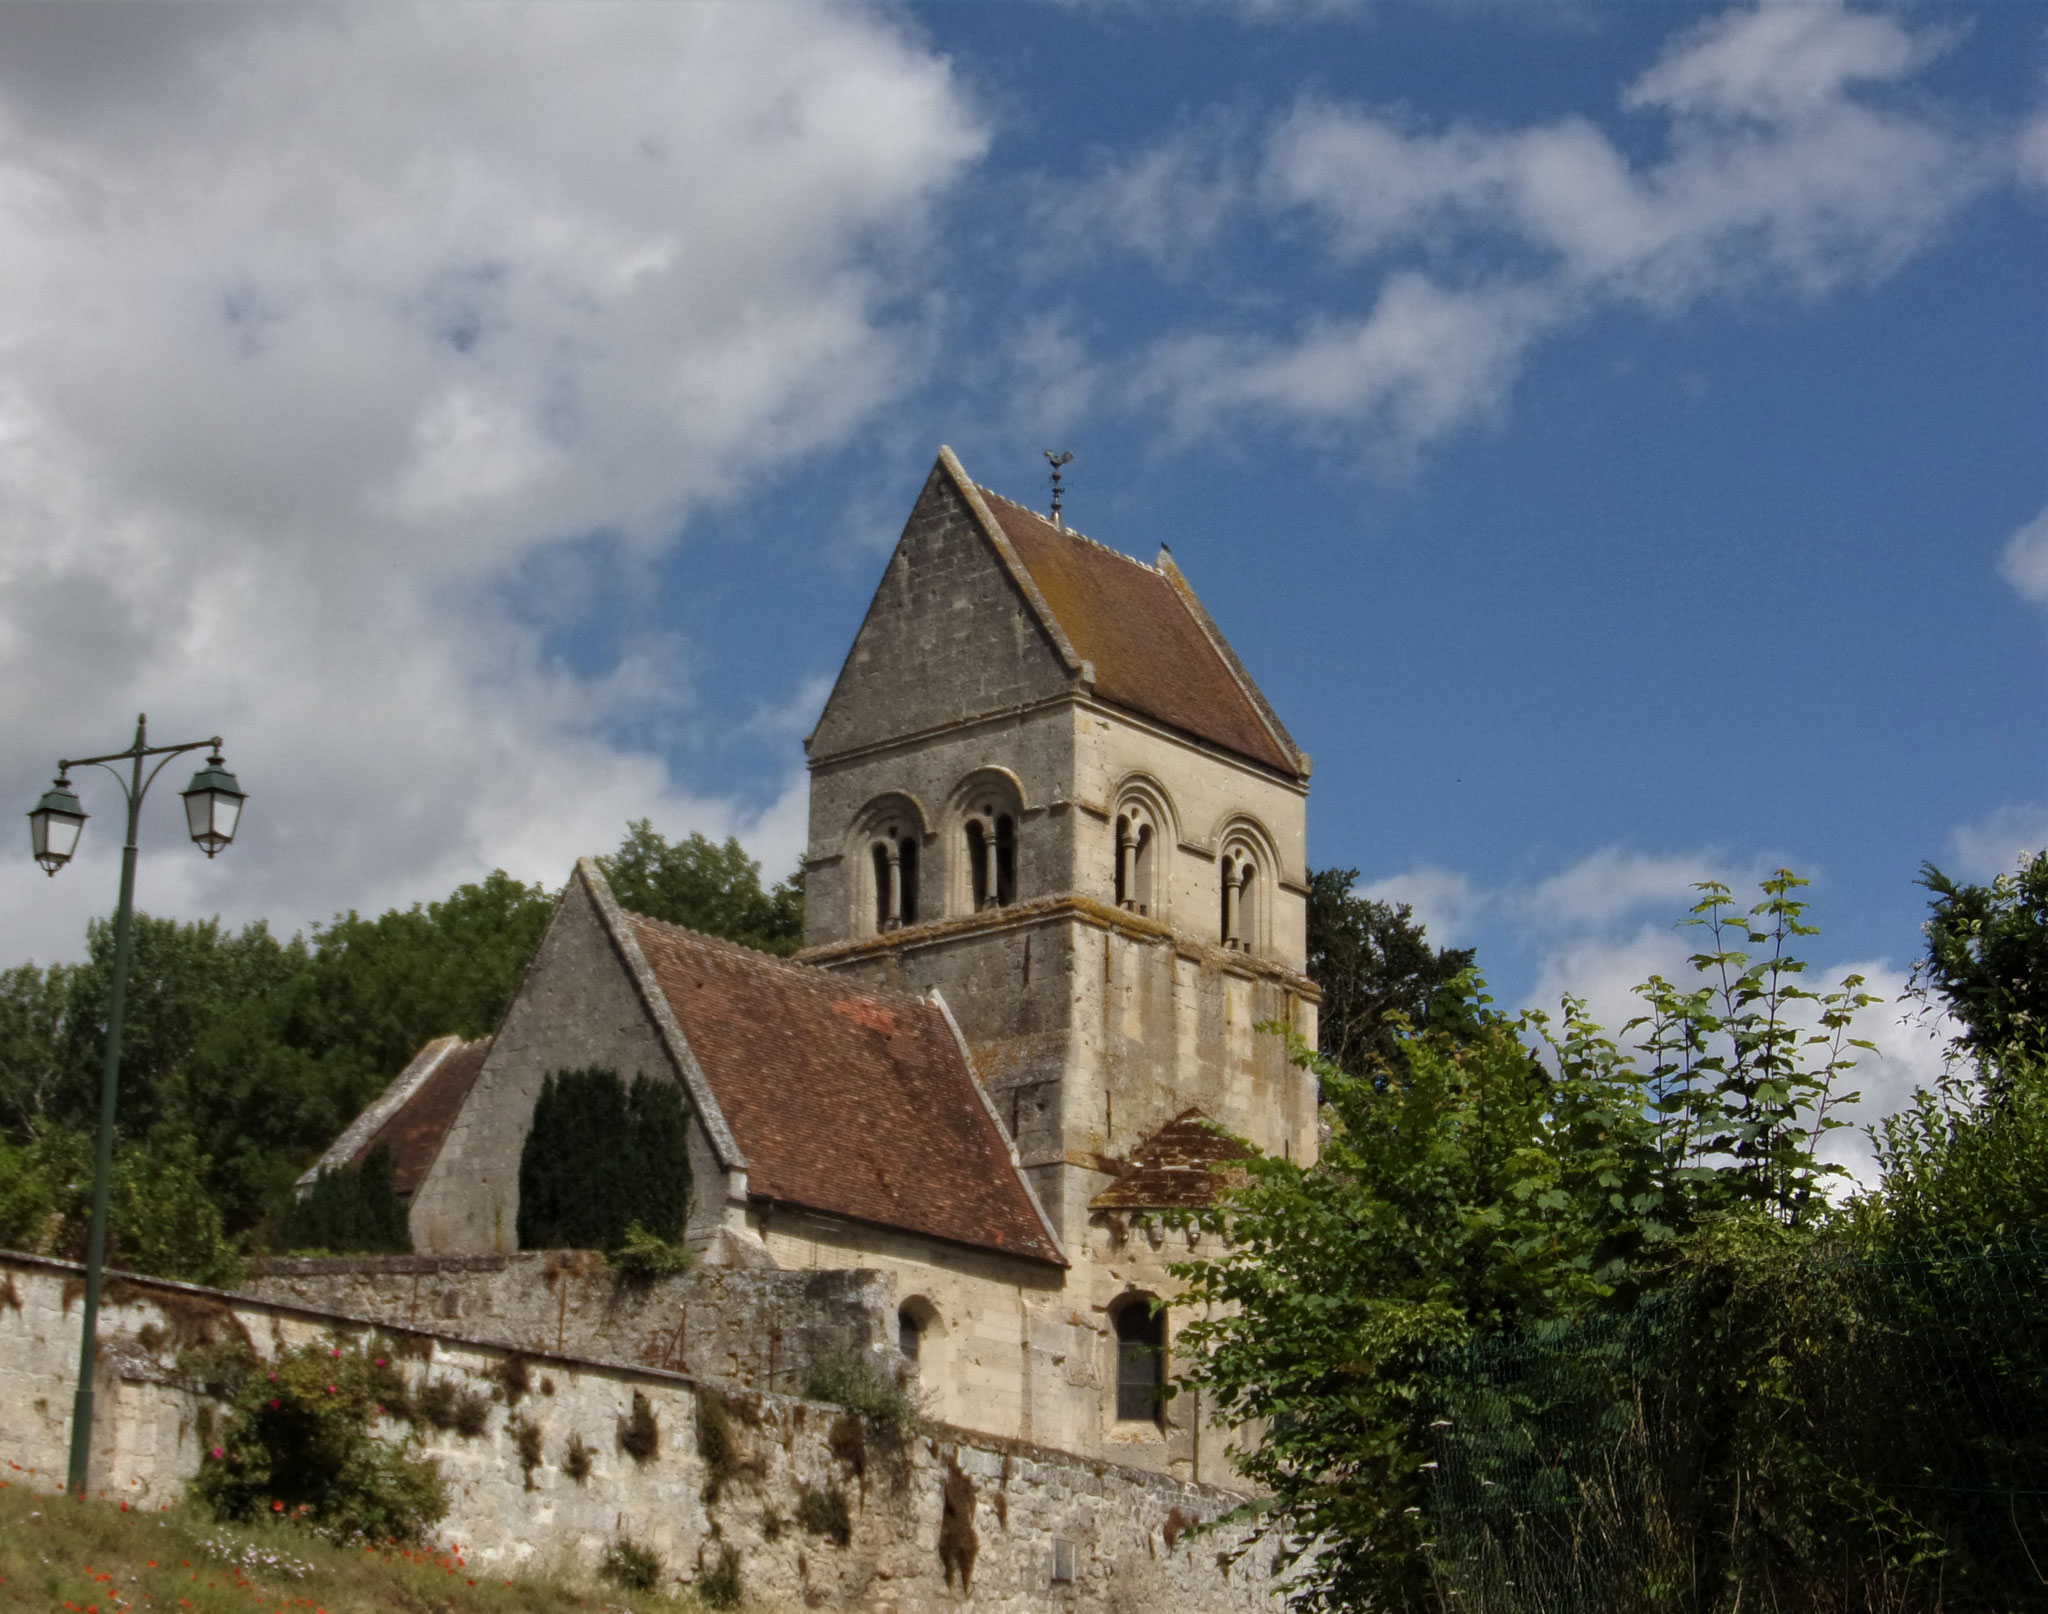 Eglise de Pont-Saint-Mard